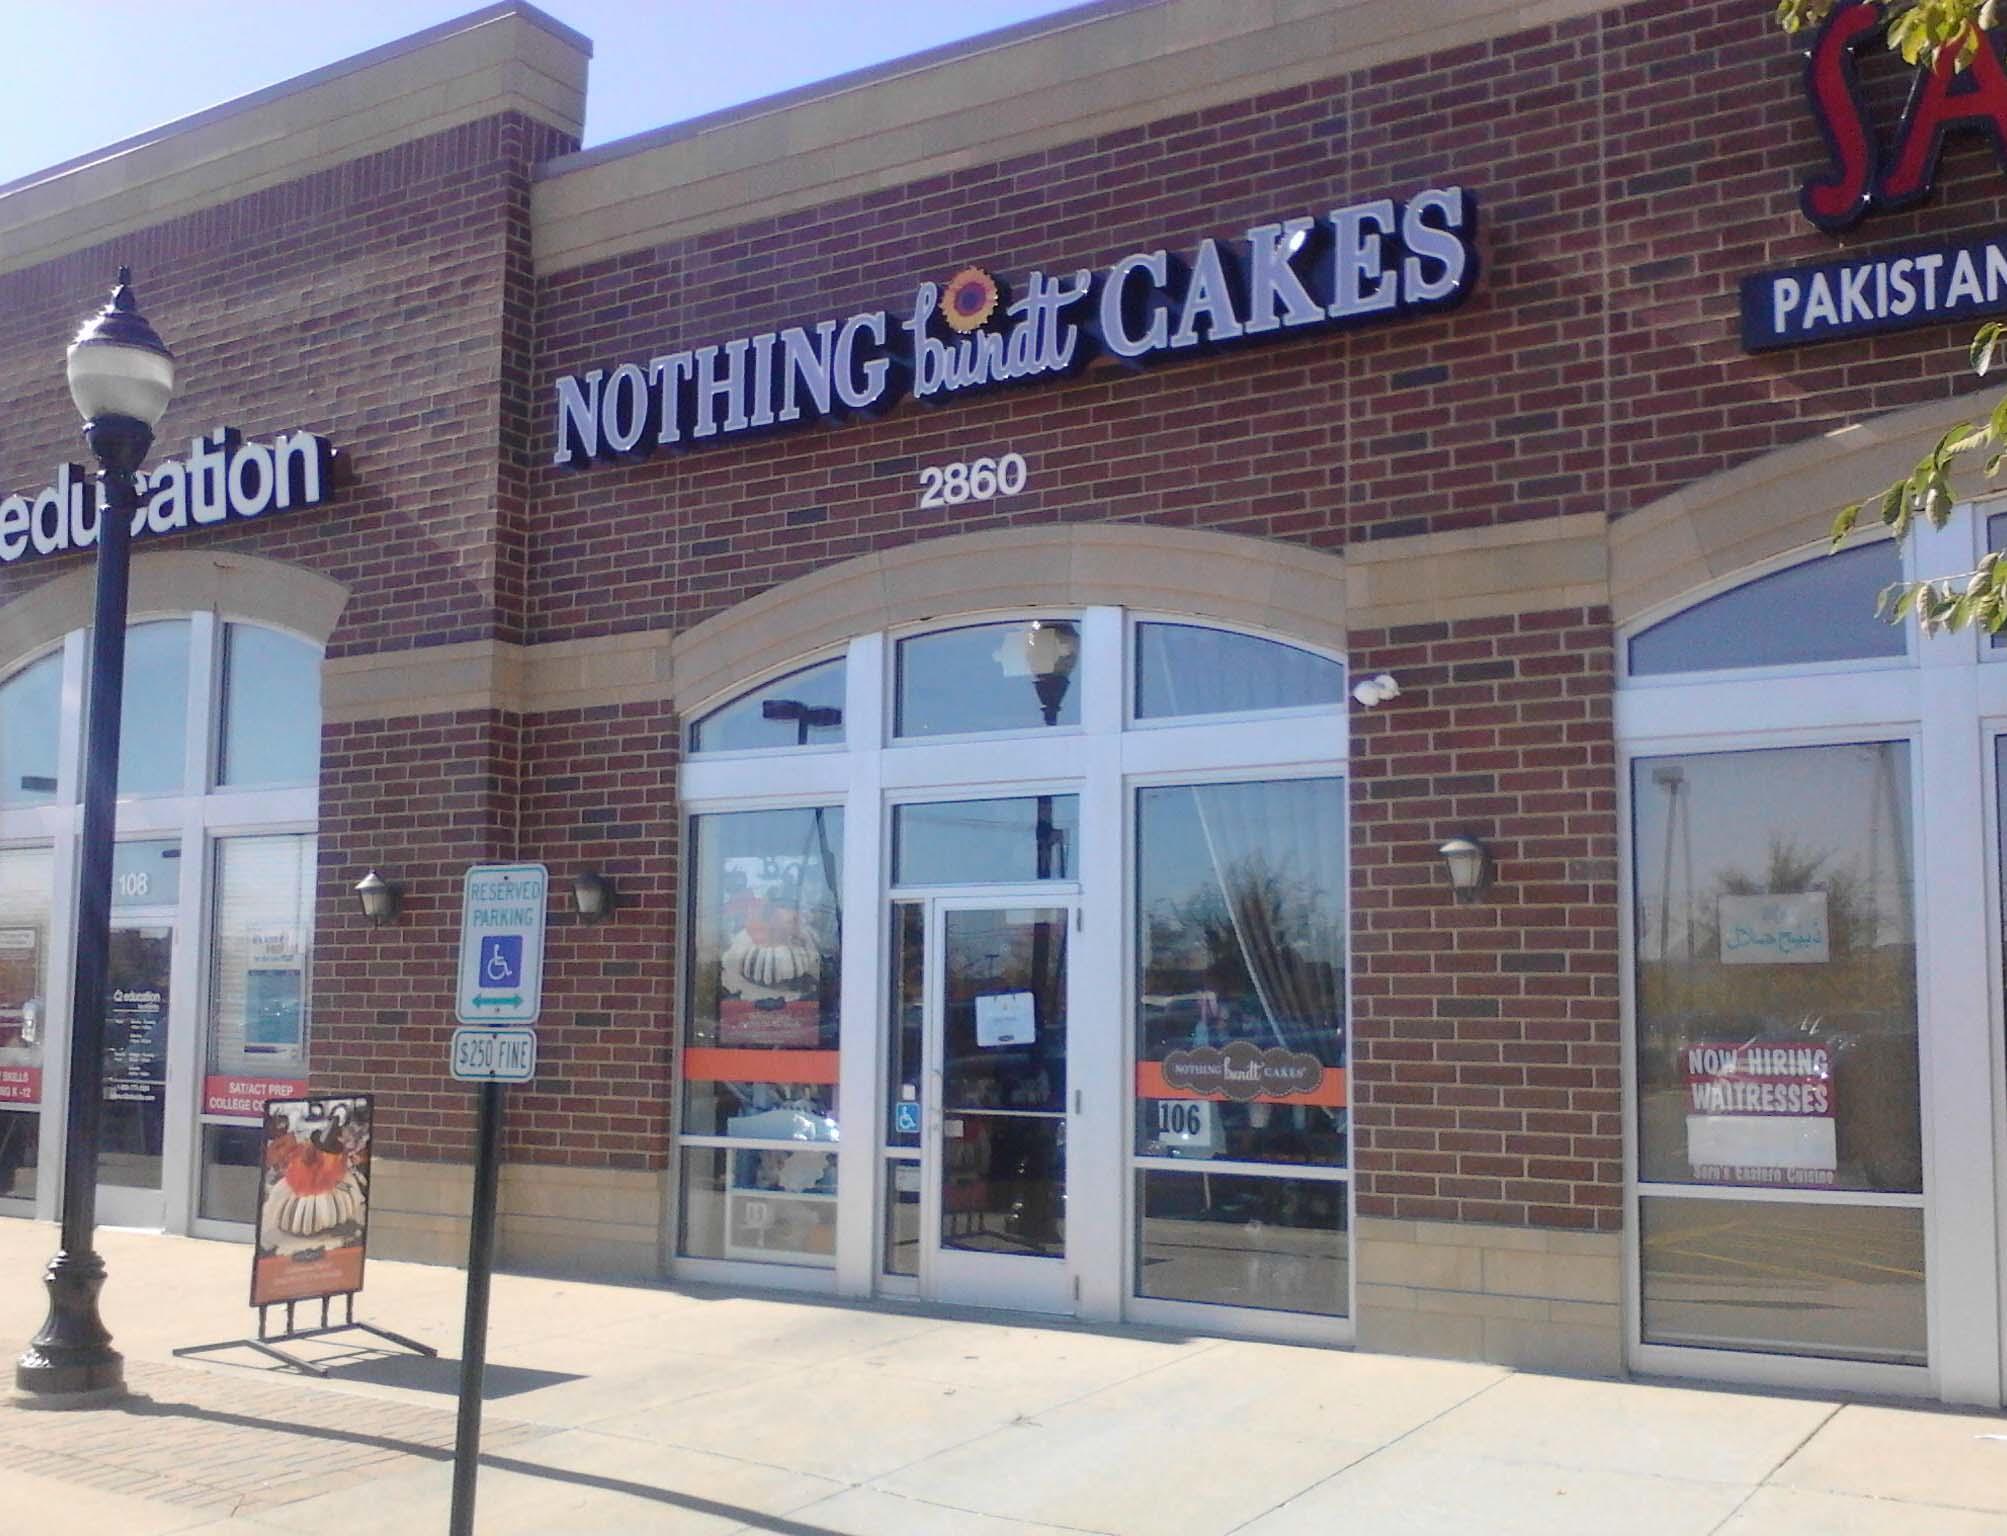 Nothing Bundt Cakes image 3